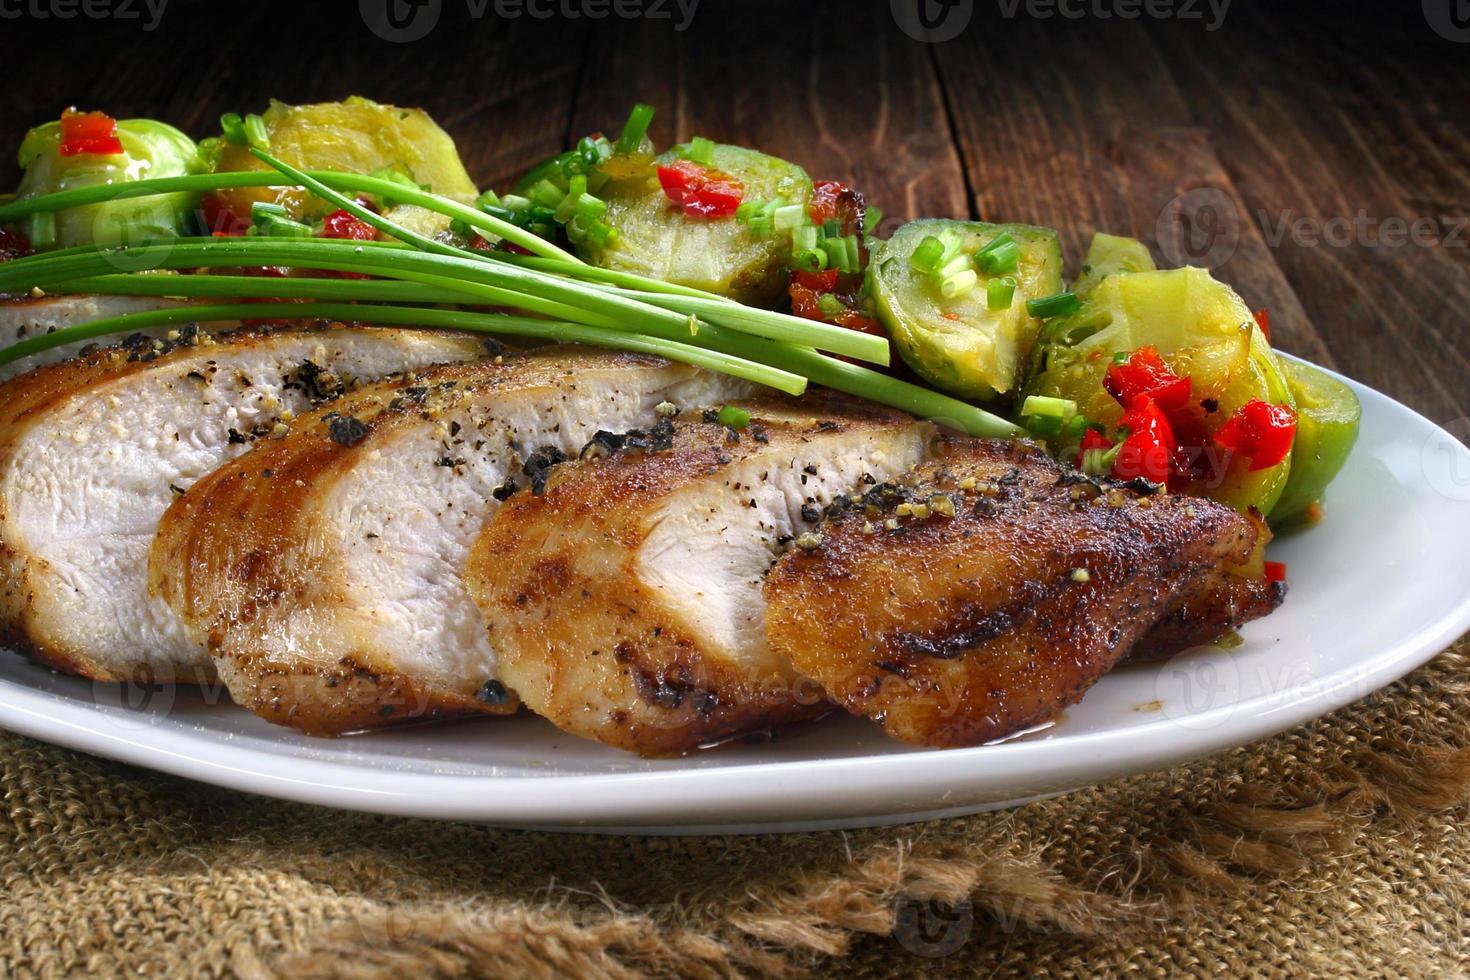 petto di pollo fritto foto